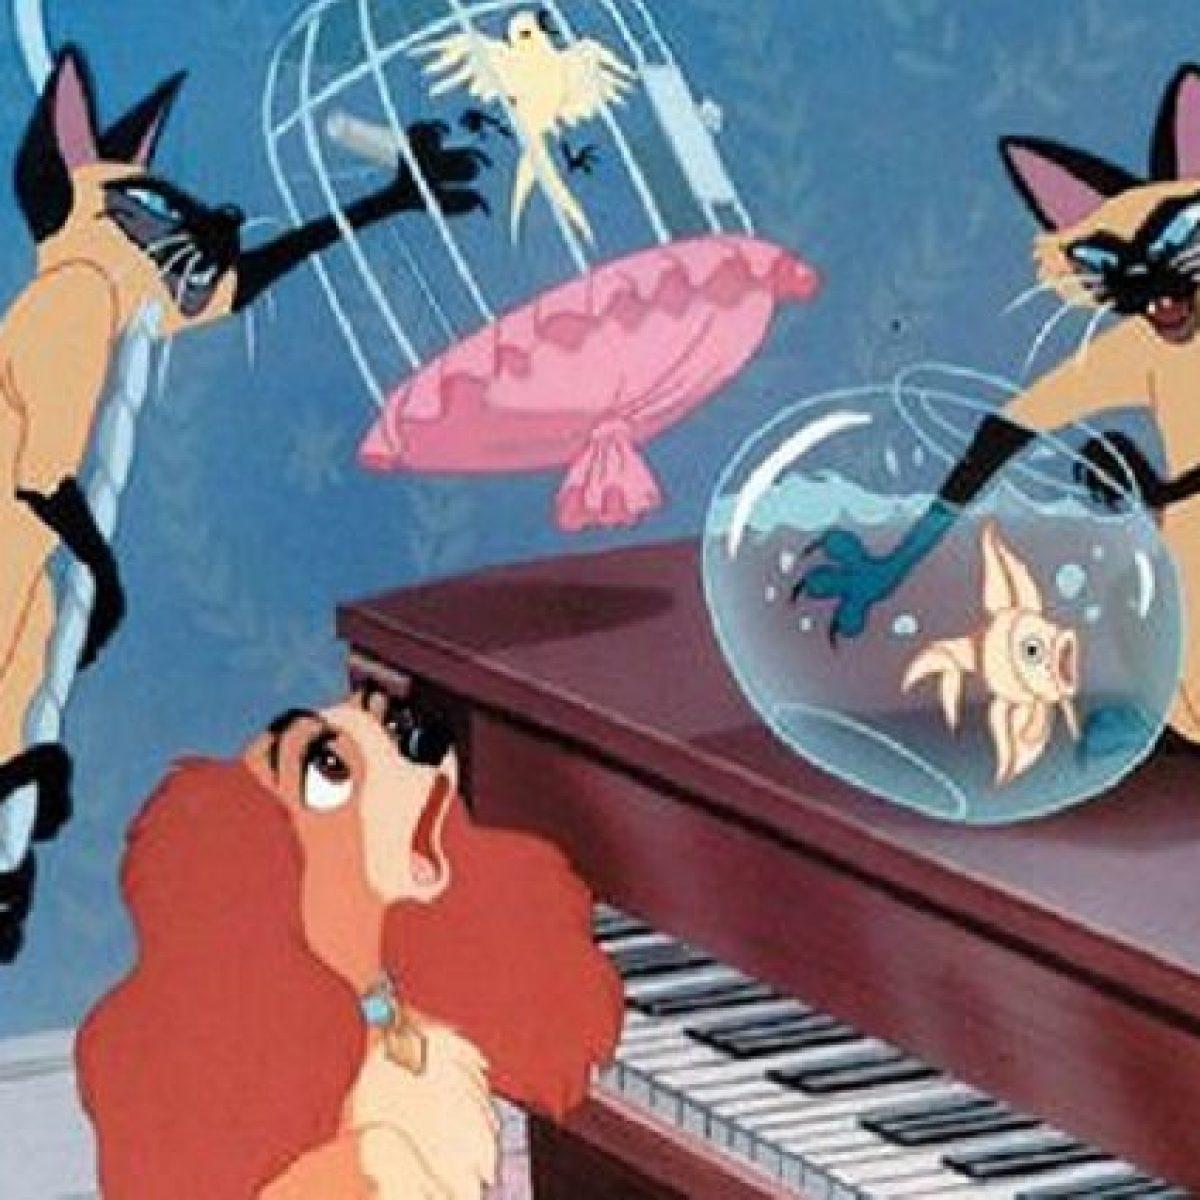 Disney Censura Lilli E Il Vagabondo La Canzone Razzista Dei Gatti